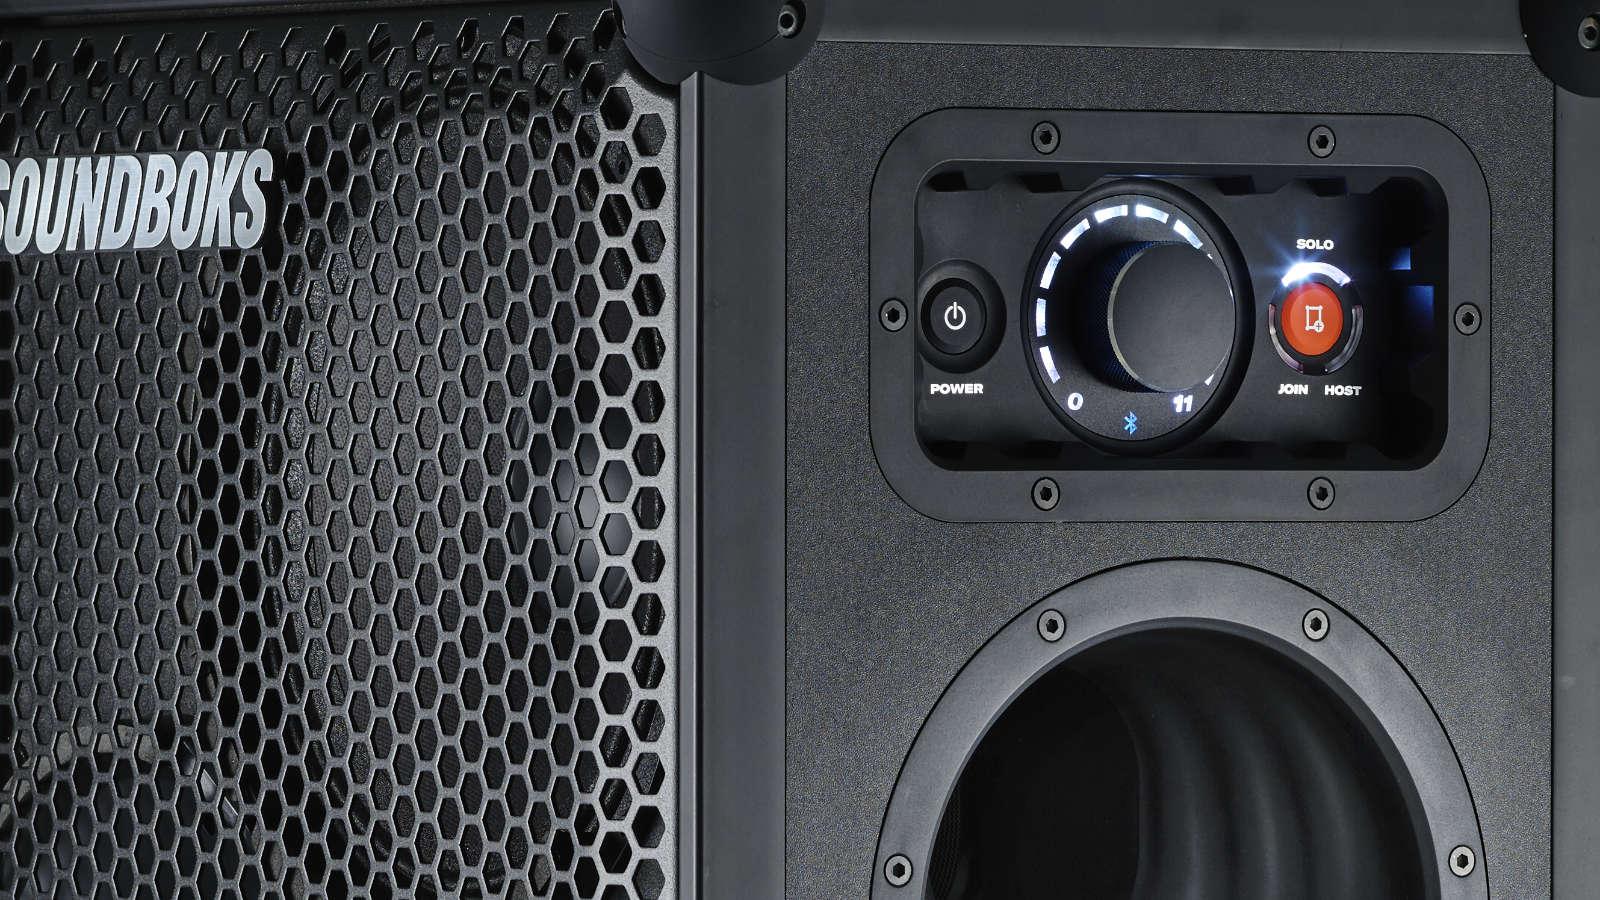 soundboks speaker control panel